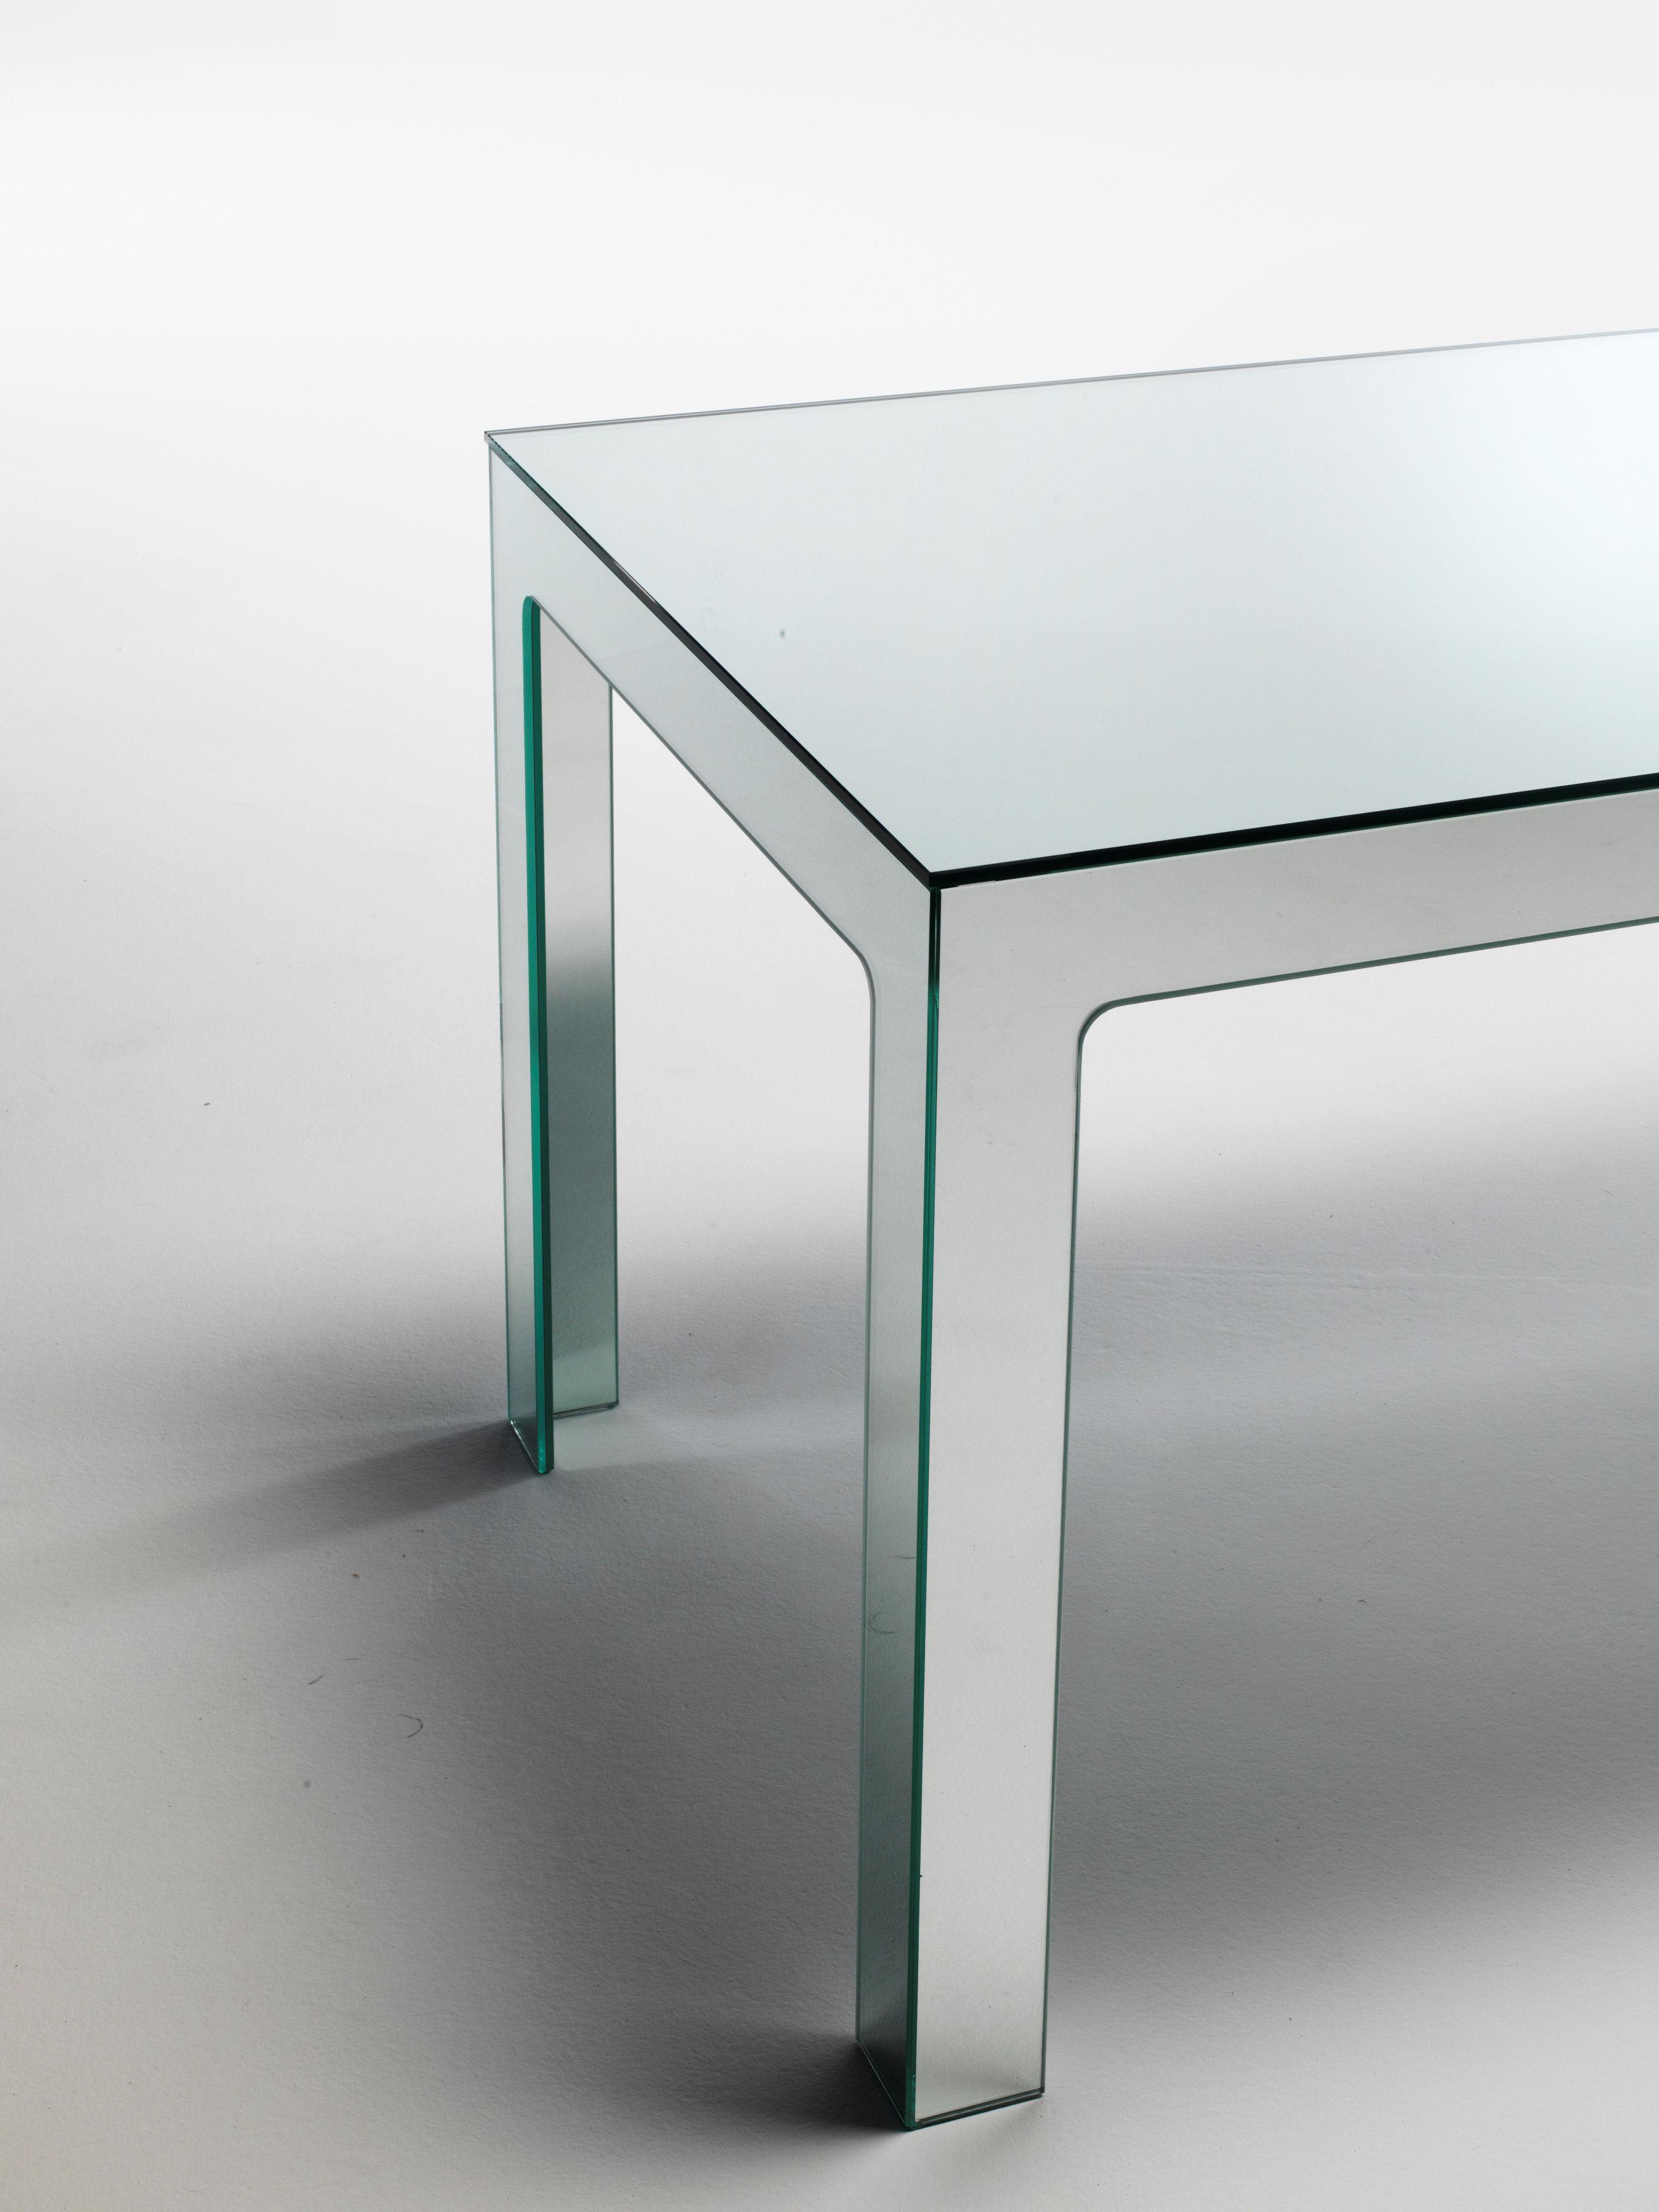 Mirror mirror 200 x 80 cm glas italia tisch - Spiegel 200 x 80 ...